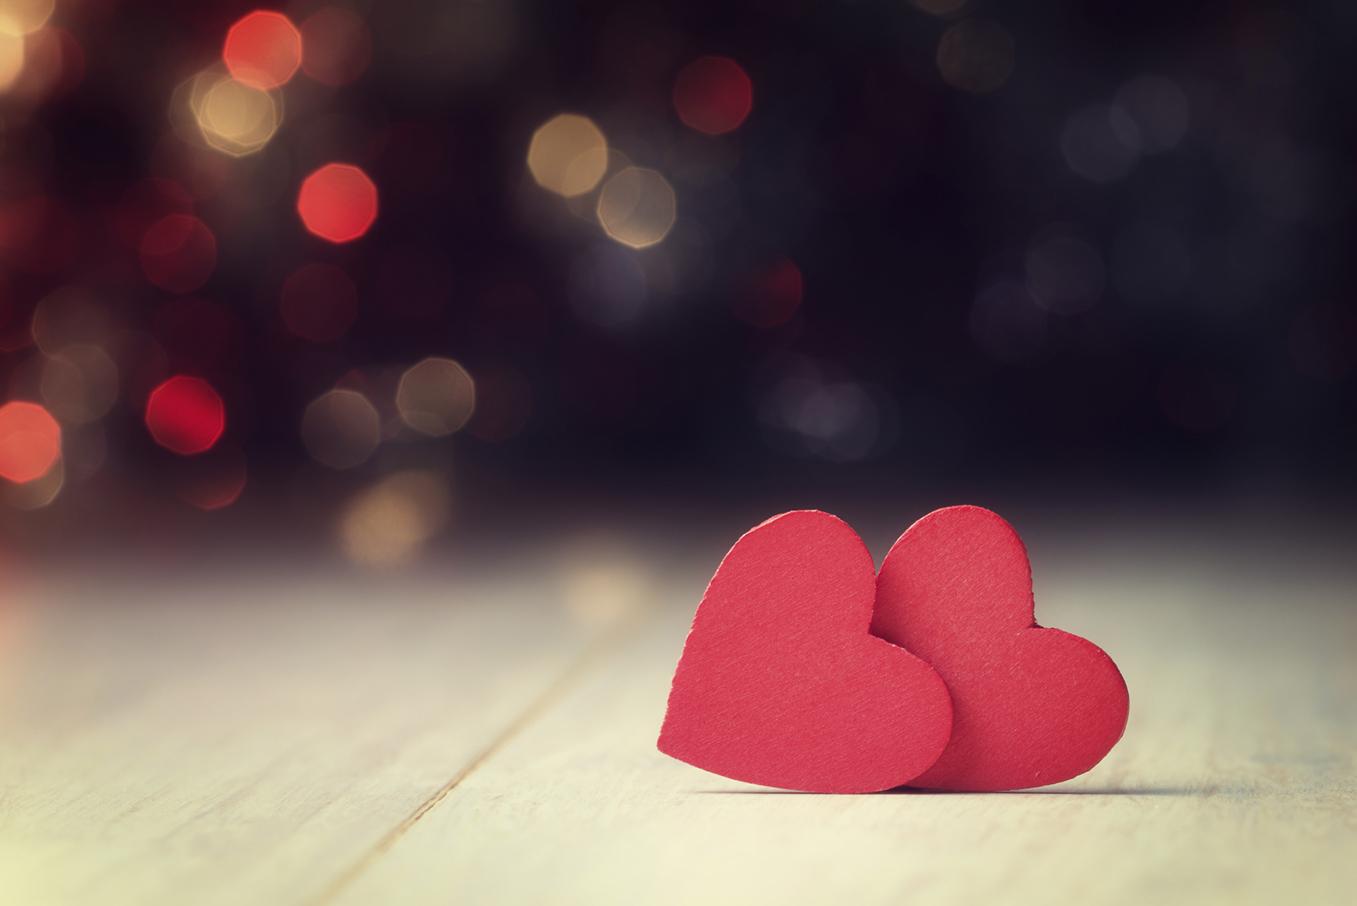 Lời chúc Valentine lãng mạn và hay nhất dành cho một nửa 2020 - Ảnh 1.